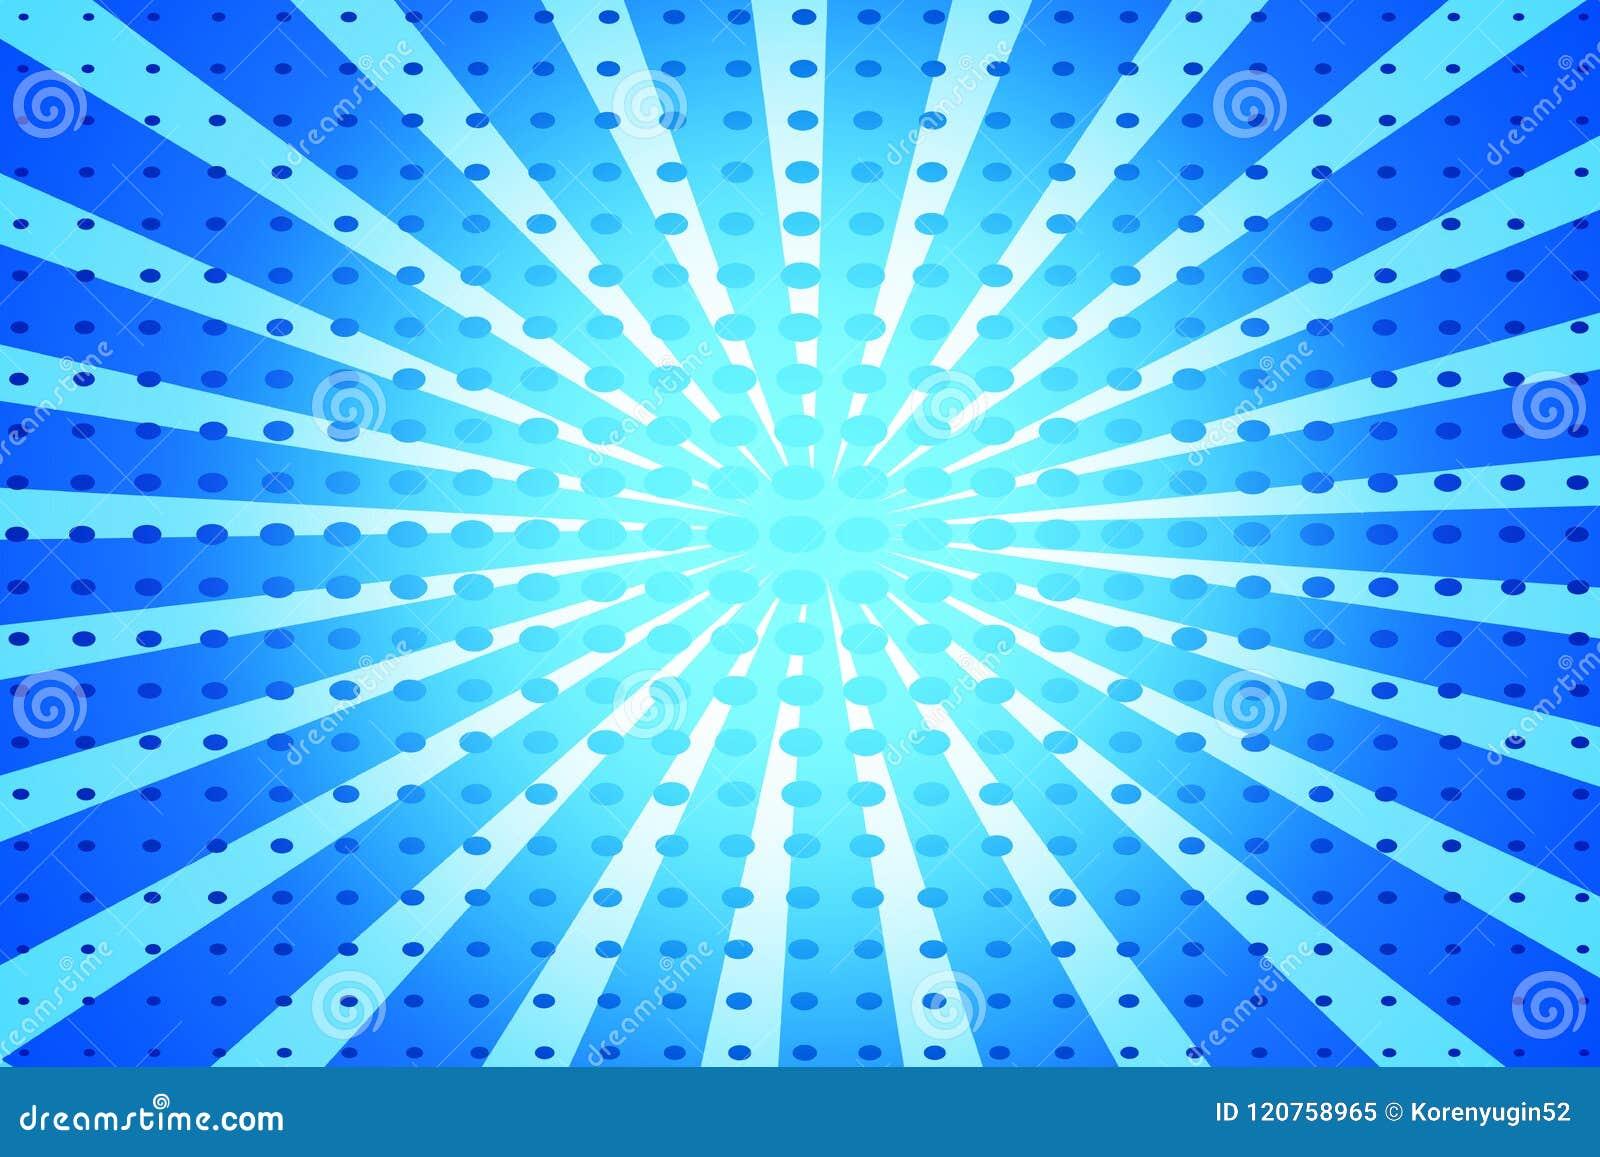 Μπλε λαϊκό αναδρομικό υπόβαθρο τέχνης με τις ακτίνες και τα σημεία κωμικές